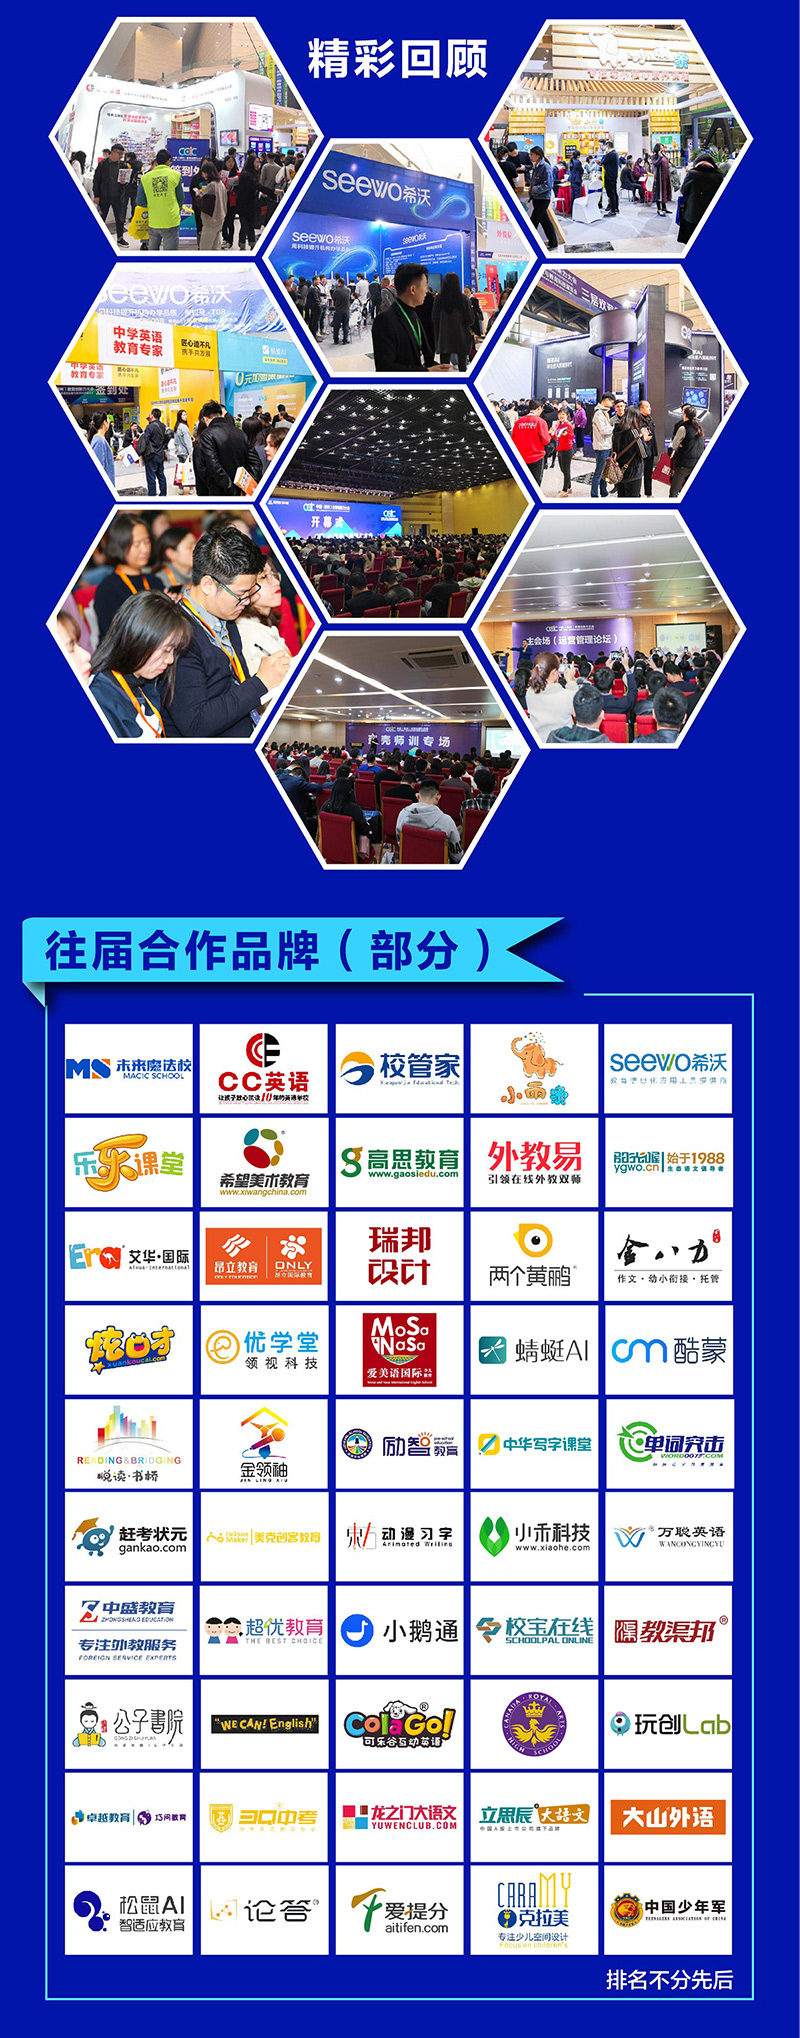 2020中国教育加盟展与教育科技展览会